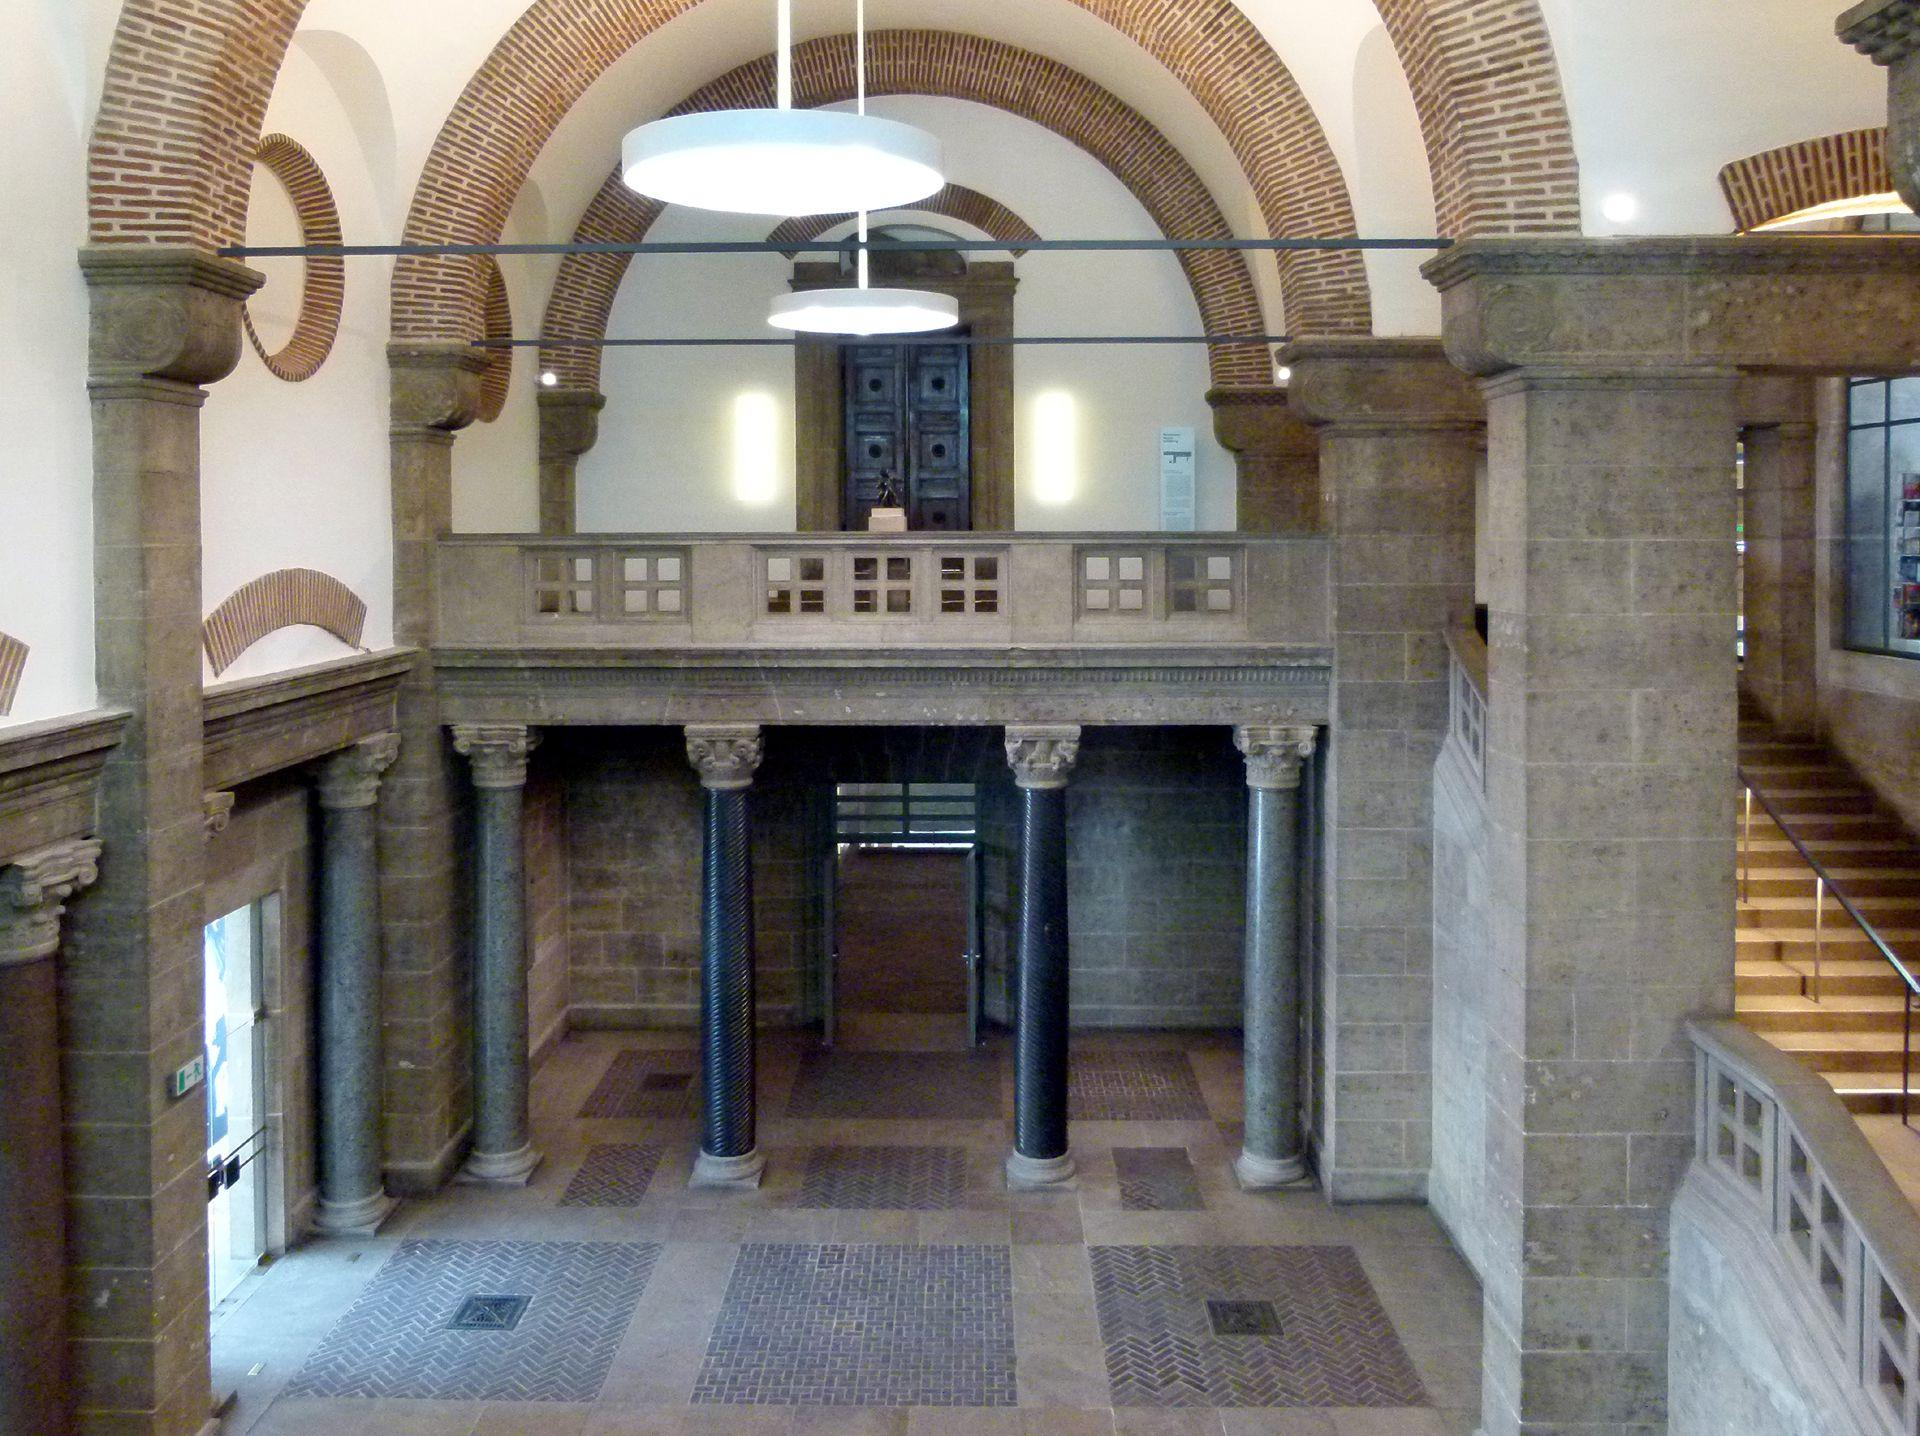 Germanisches Nationalmuseum ehemalige Haupteingangshalle, Blick von der Empore